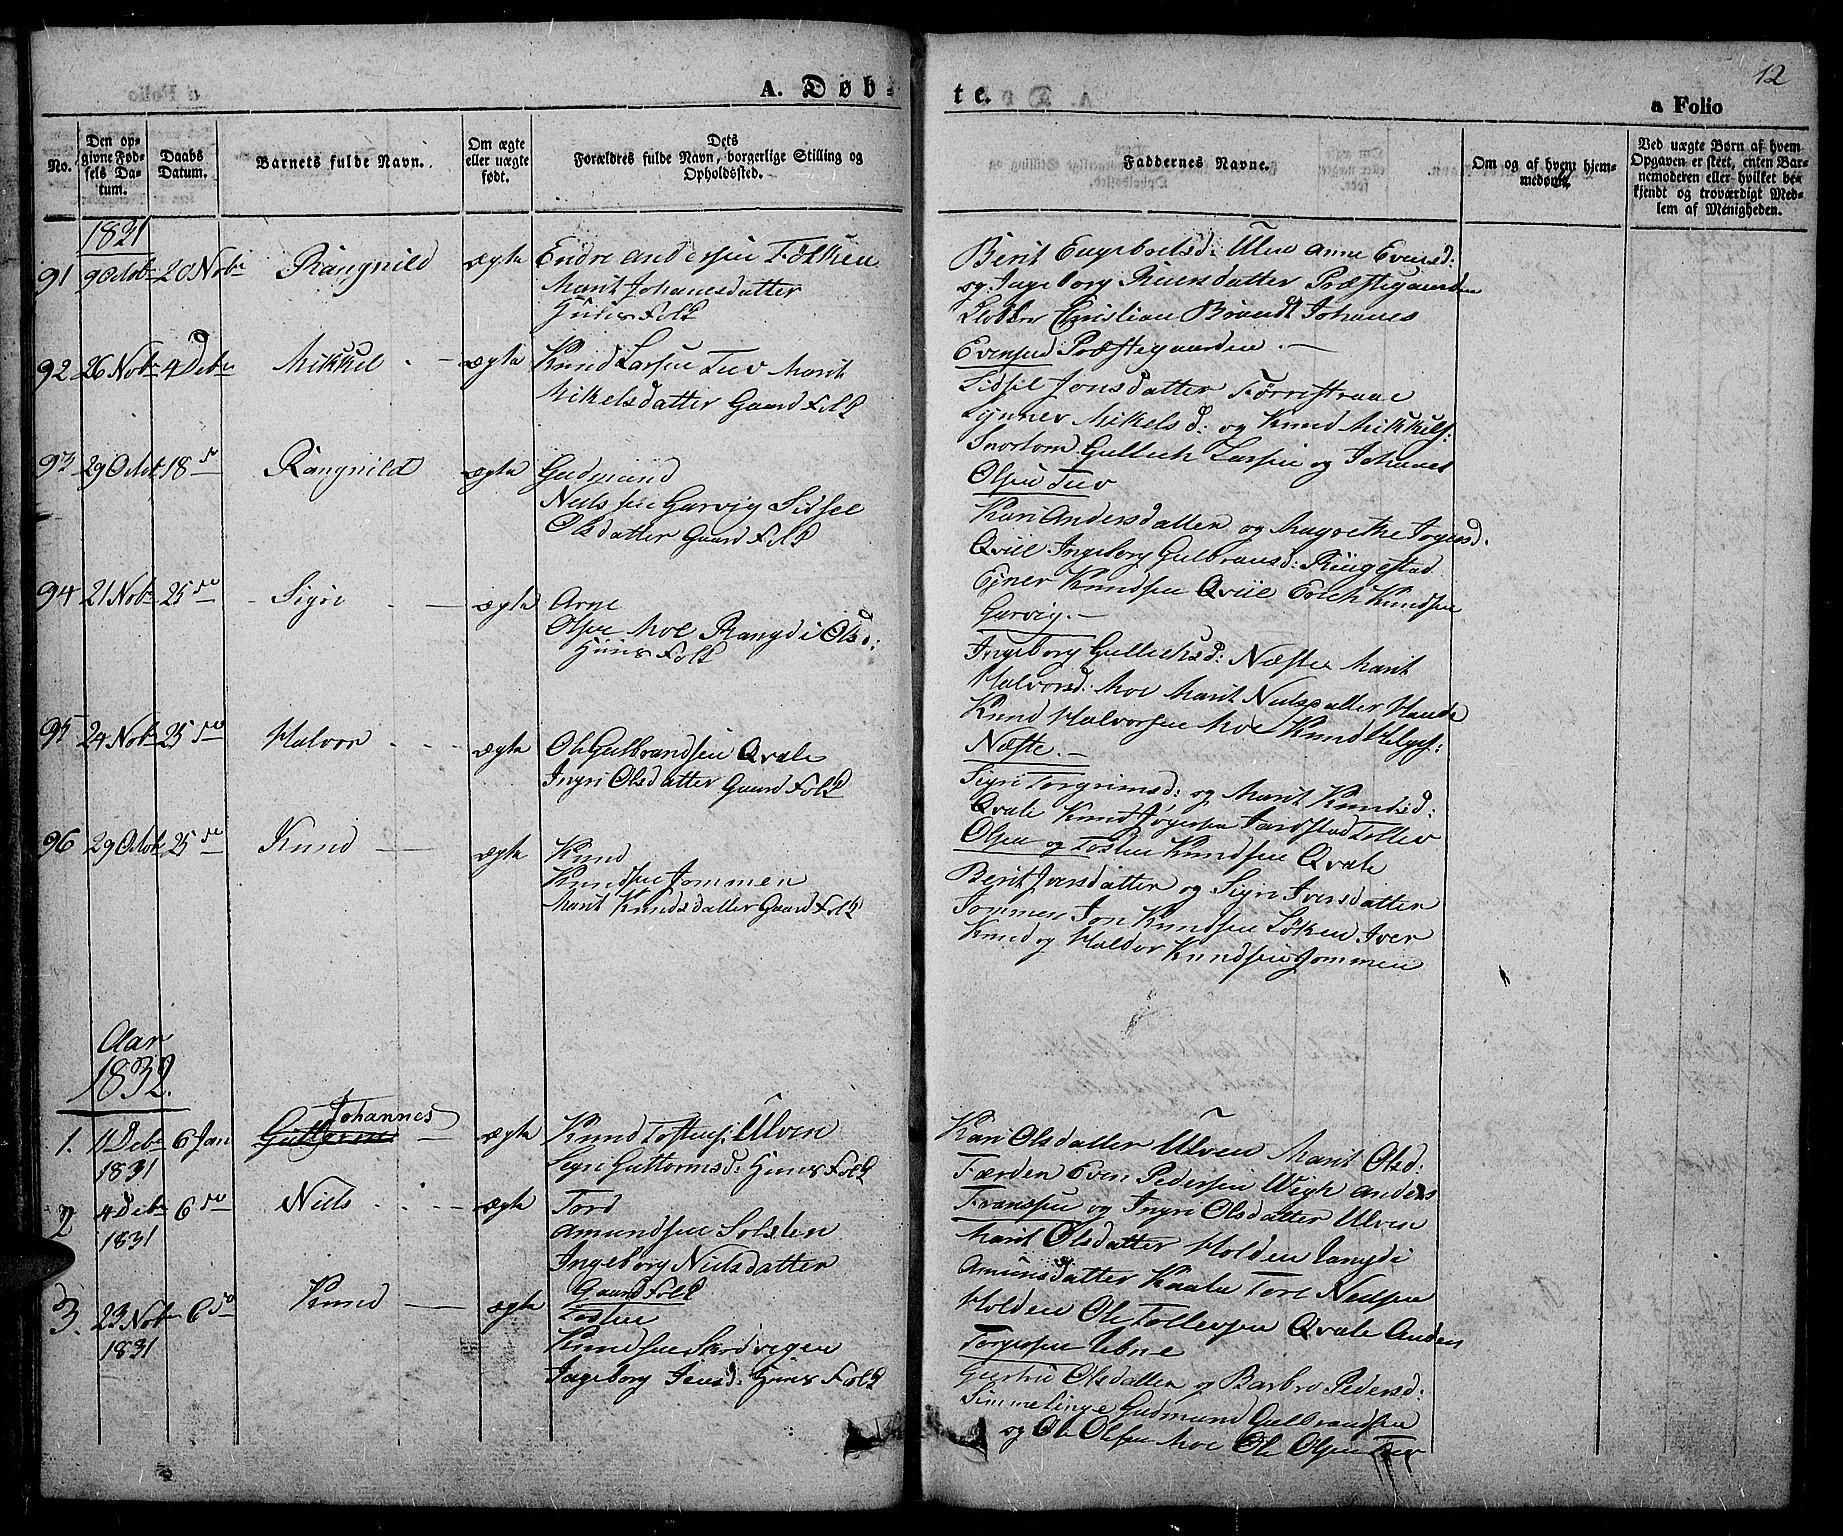 SAH, Slidre prestekontor, Ministerialbok nr. 3, 1831-1843, s. 12